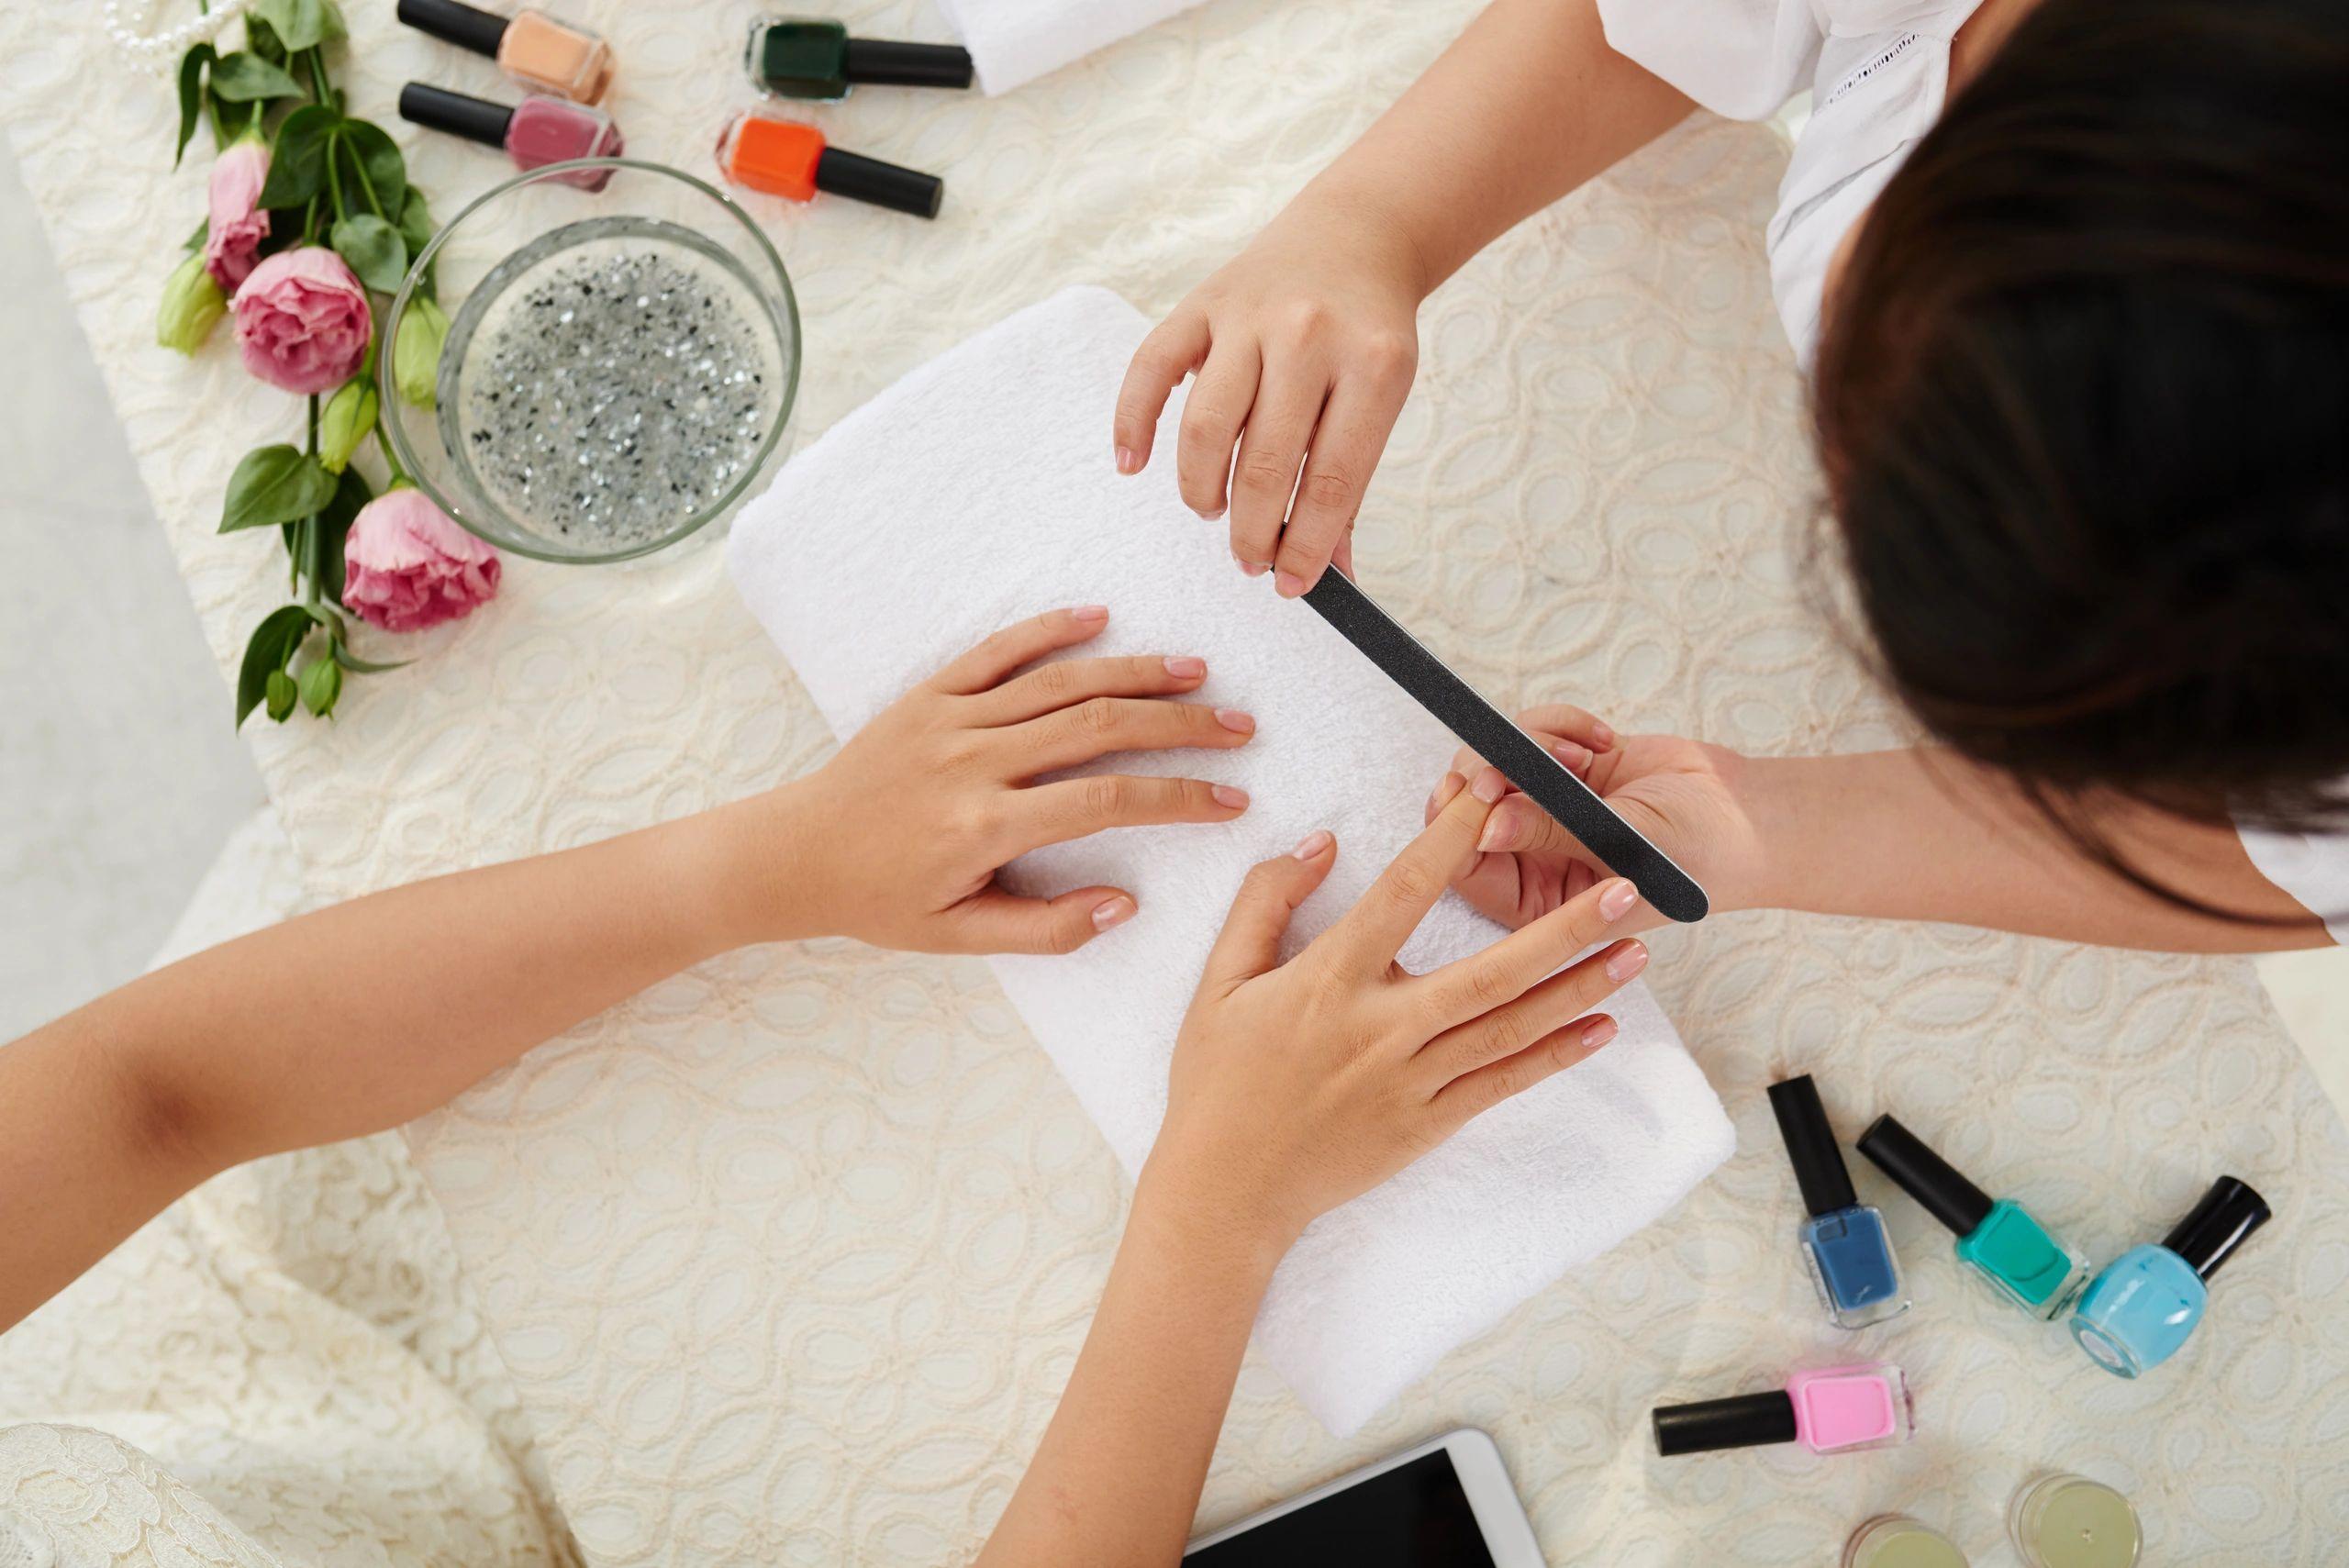 Top Nails Spa and Waxing